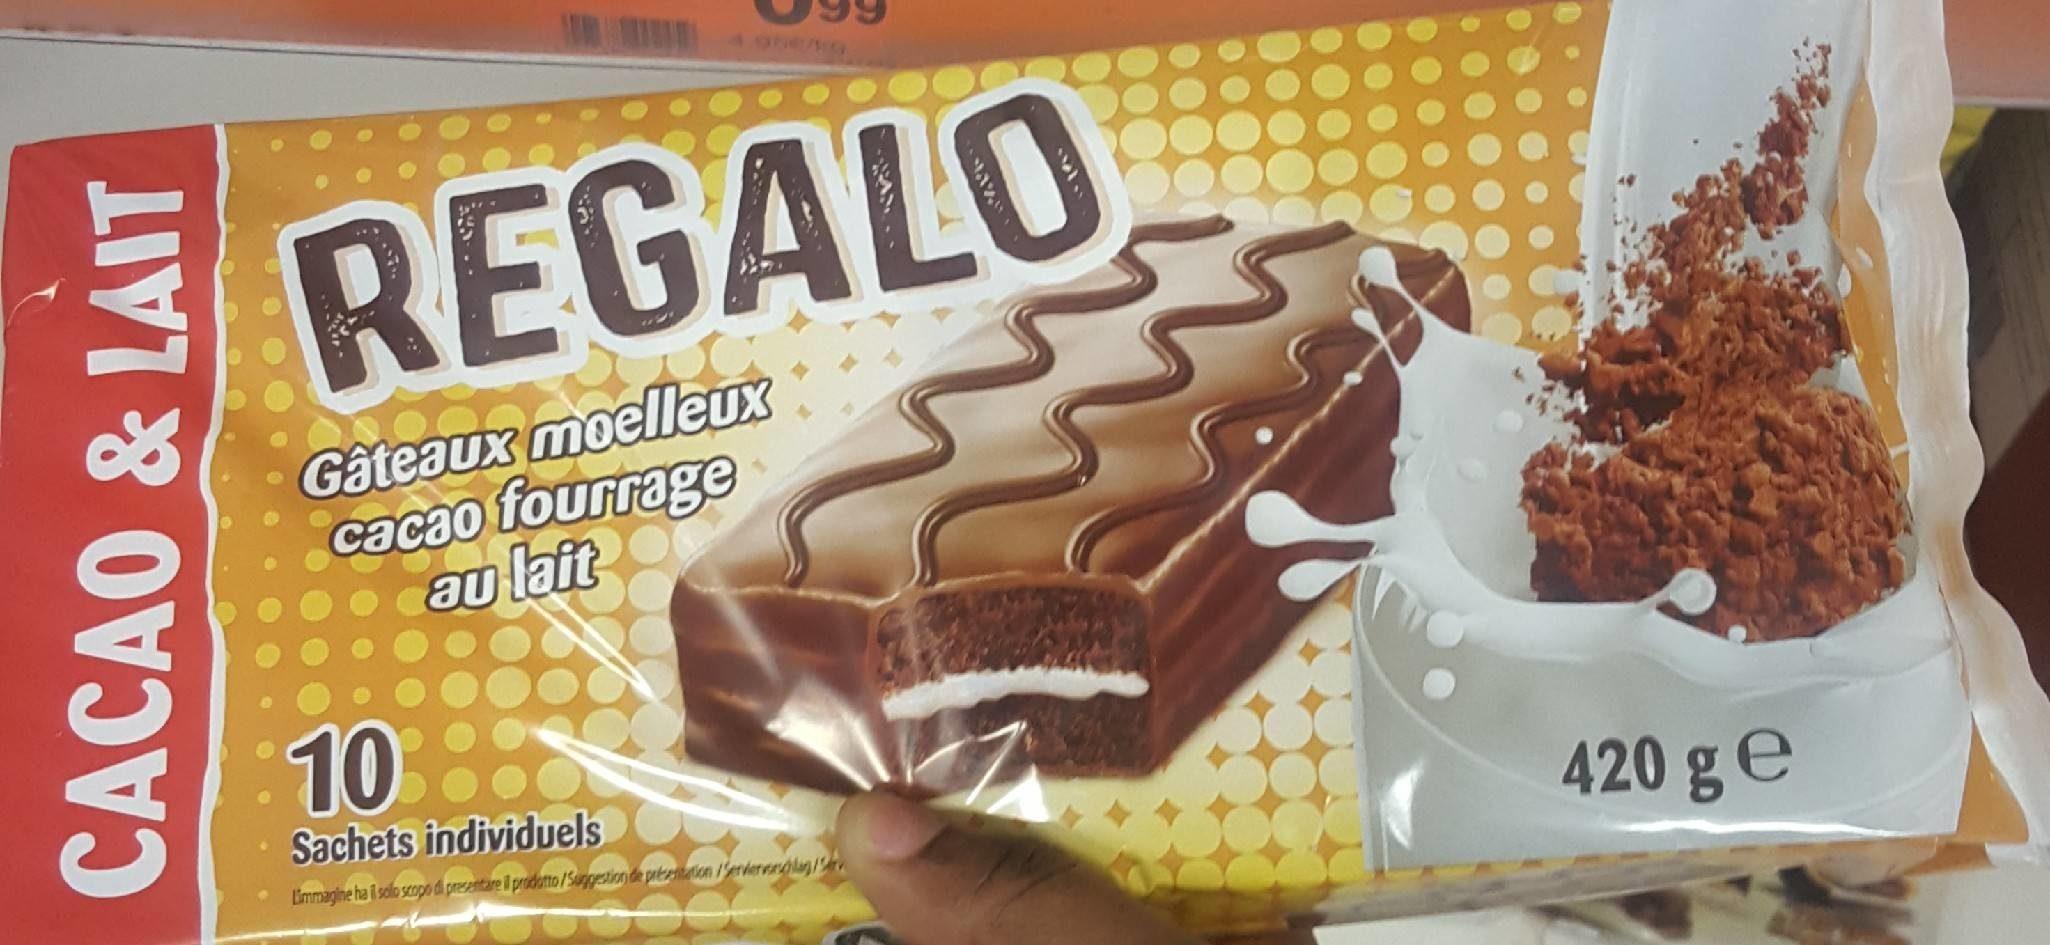 Gâteau moelleux cacao fourrage au lait - Product